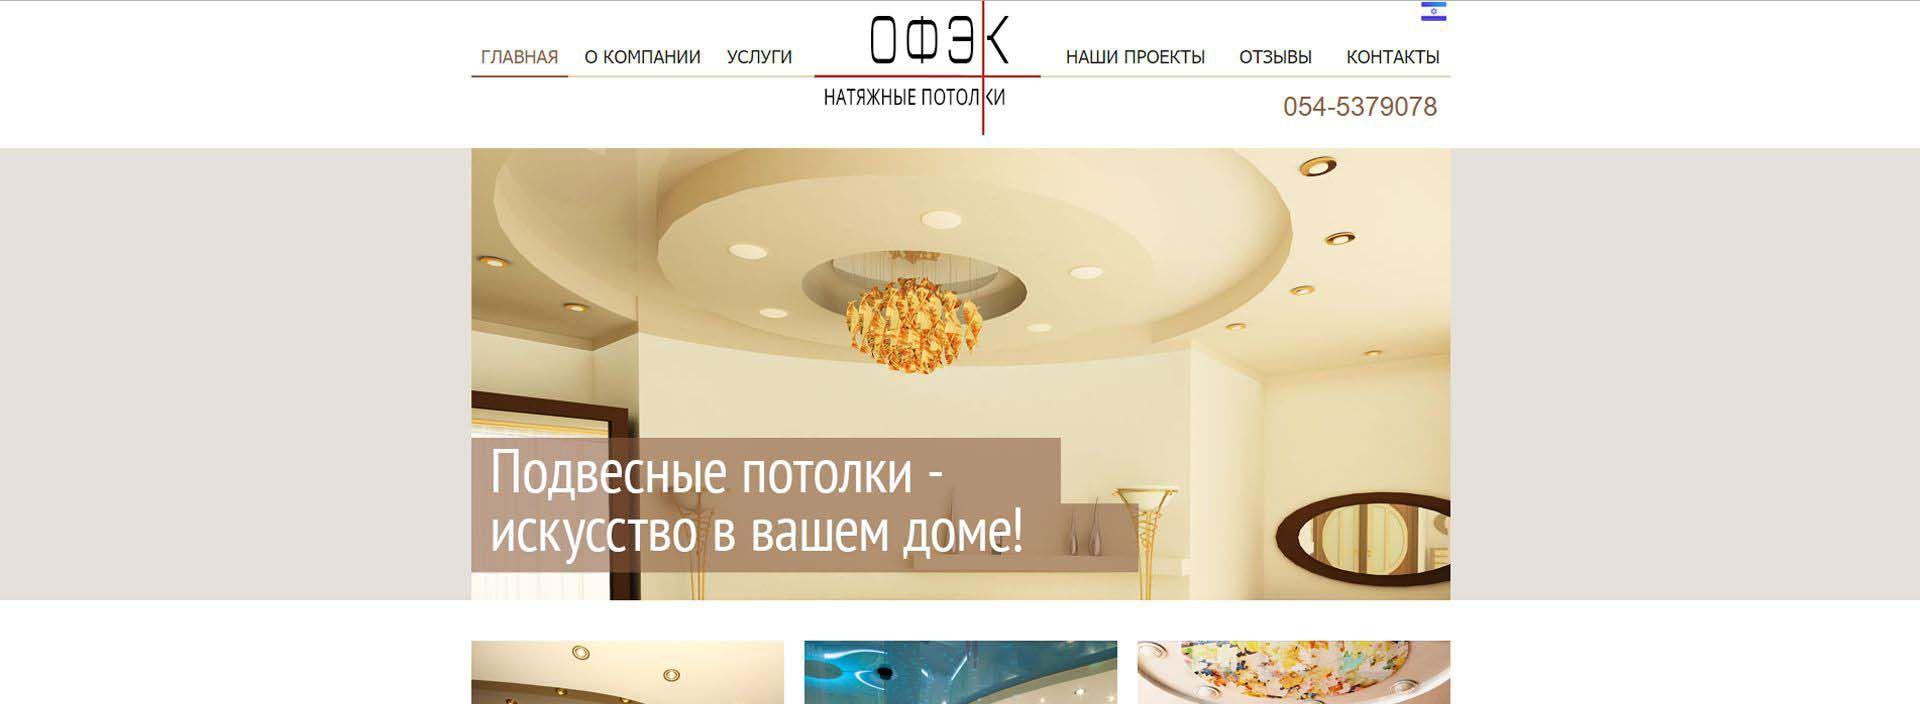 anahi-ofki.com